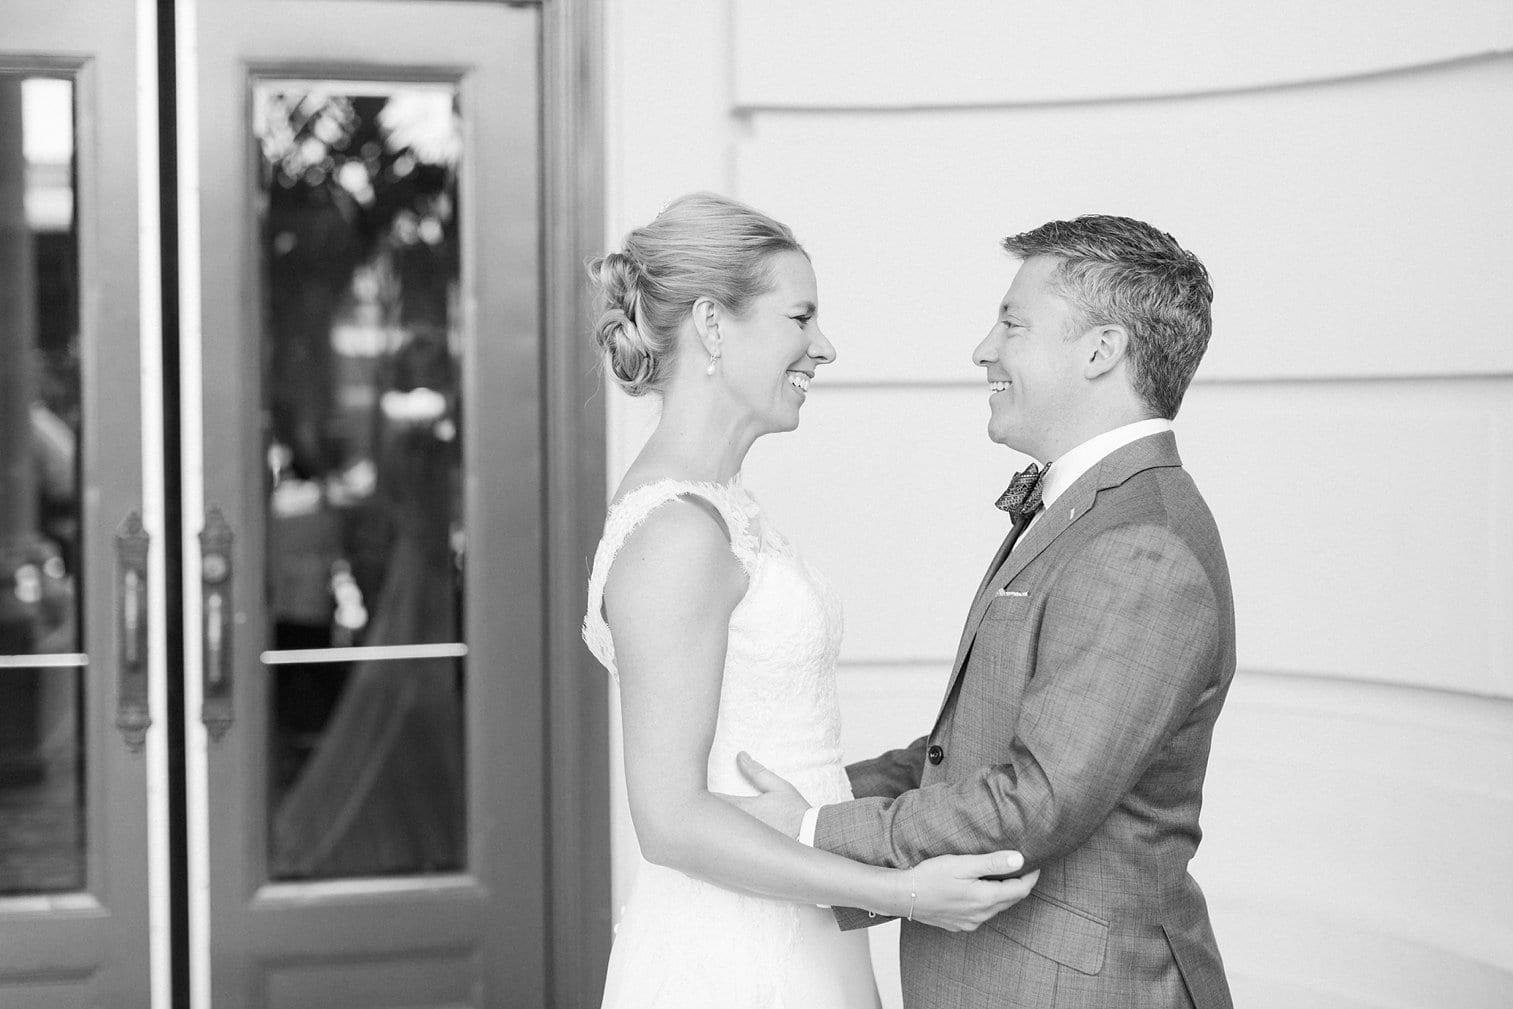 Ronald Reagan Building Wedding Washington DC Wedding Photographer Ashley & Brett-201.jpg